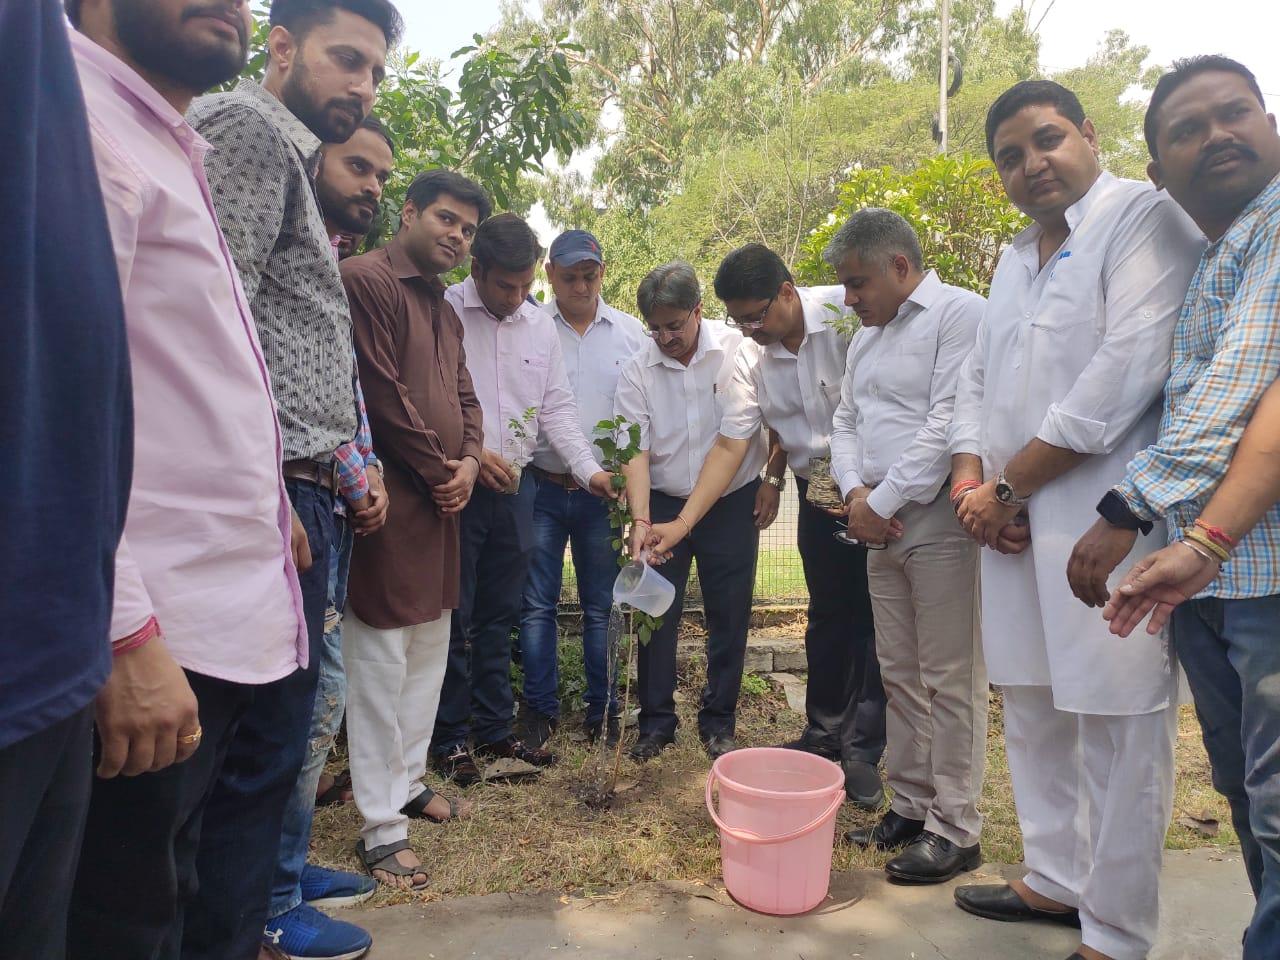 भाजपा स्पोर्ट्स सेल ने पौधे लगाकर मनाया विश्व पर्यावरण दिवस